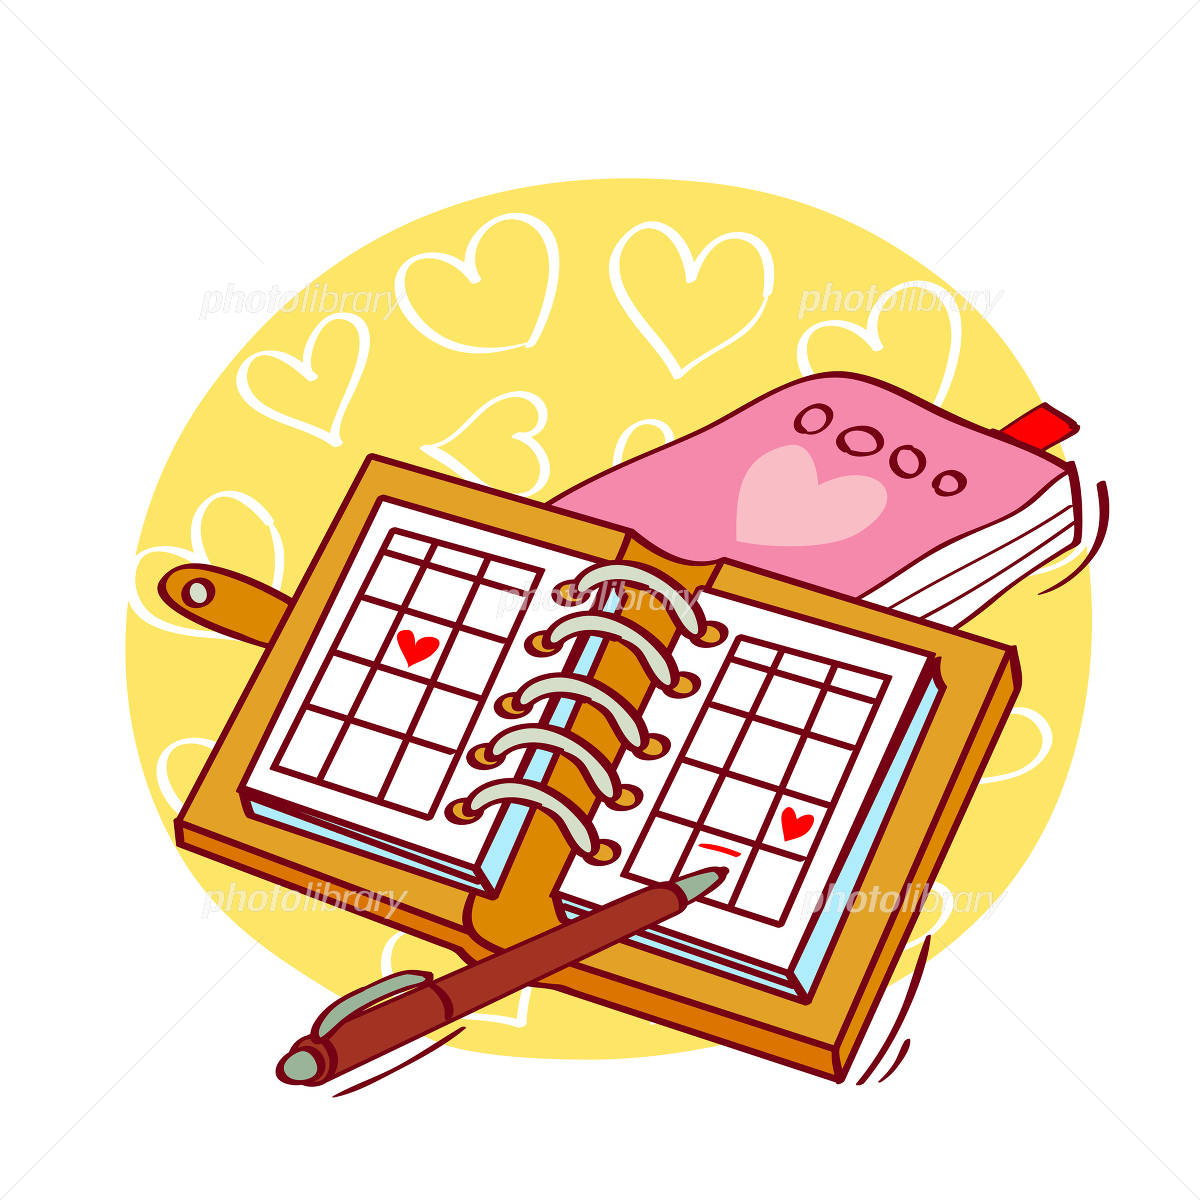 カレンダー 家族 スケジュール カレンダー : スケジュール イラスト 画像ID ...